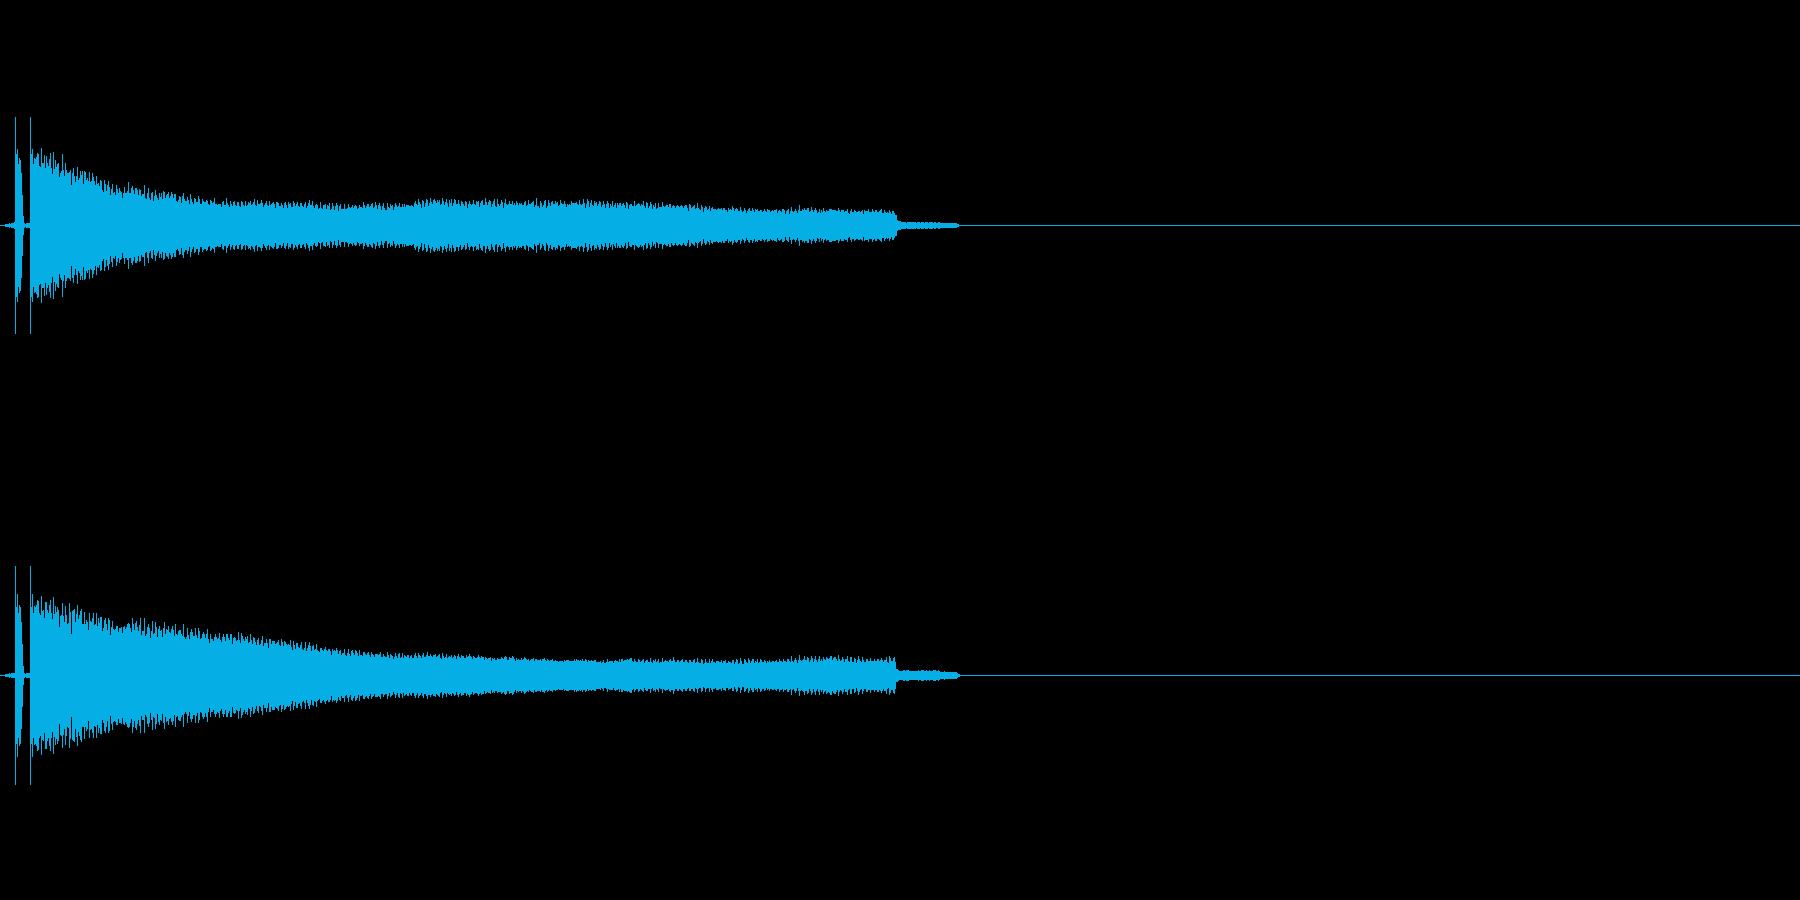 キーン 耳鳴りの音の再生済みの波形